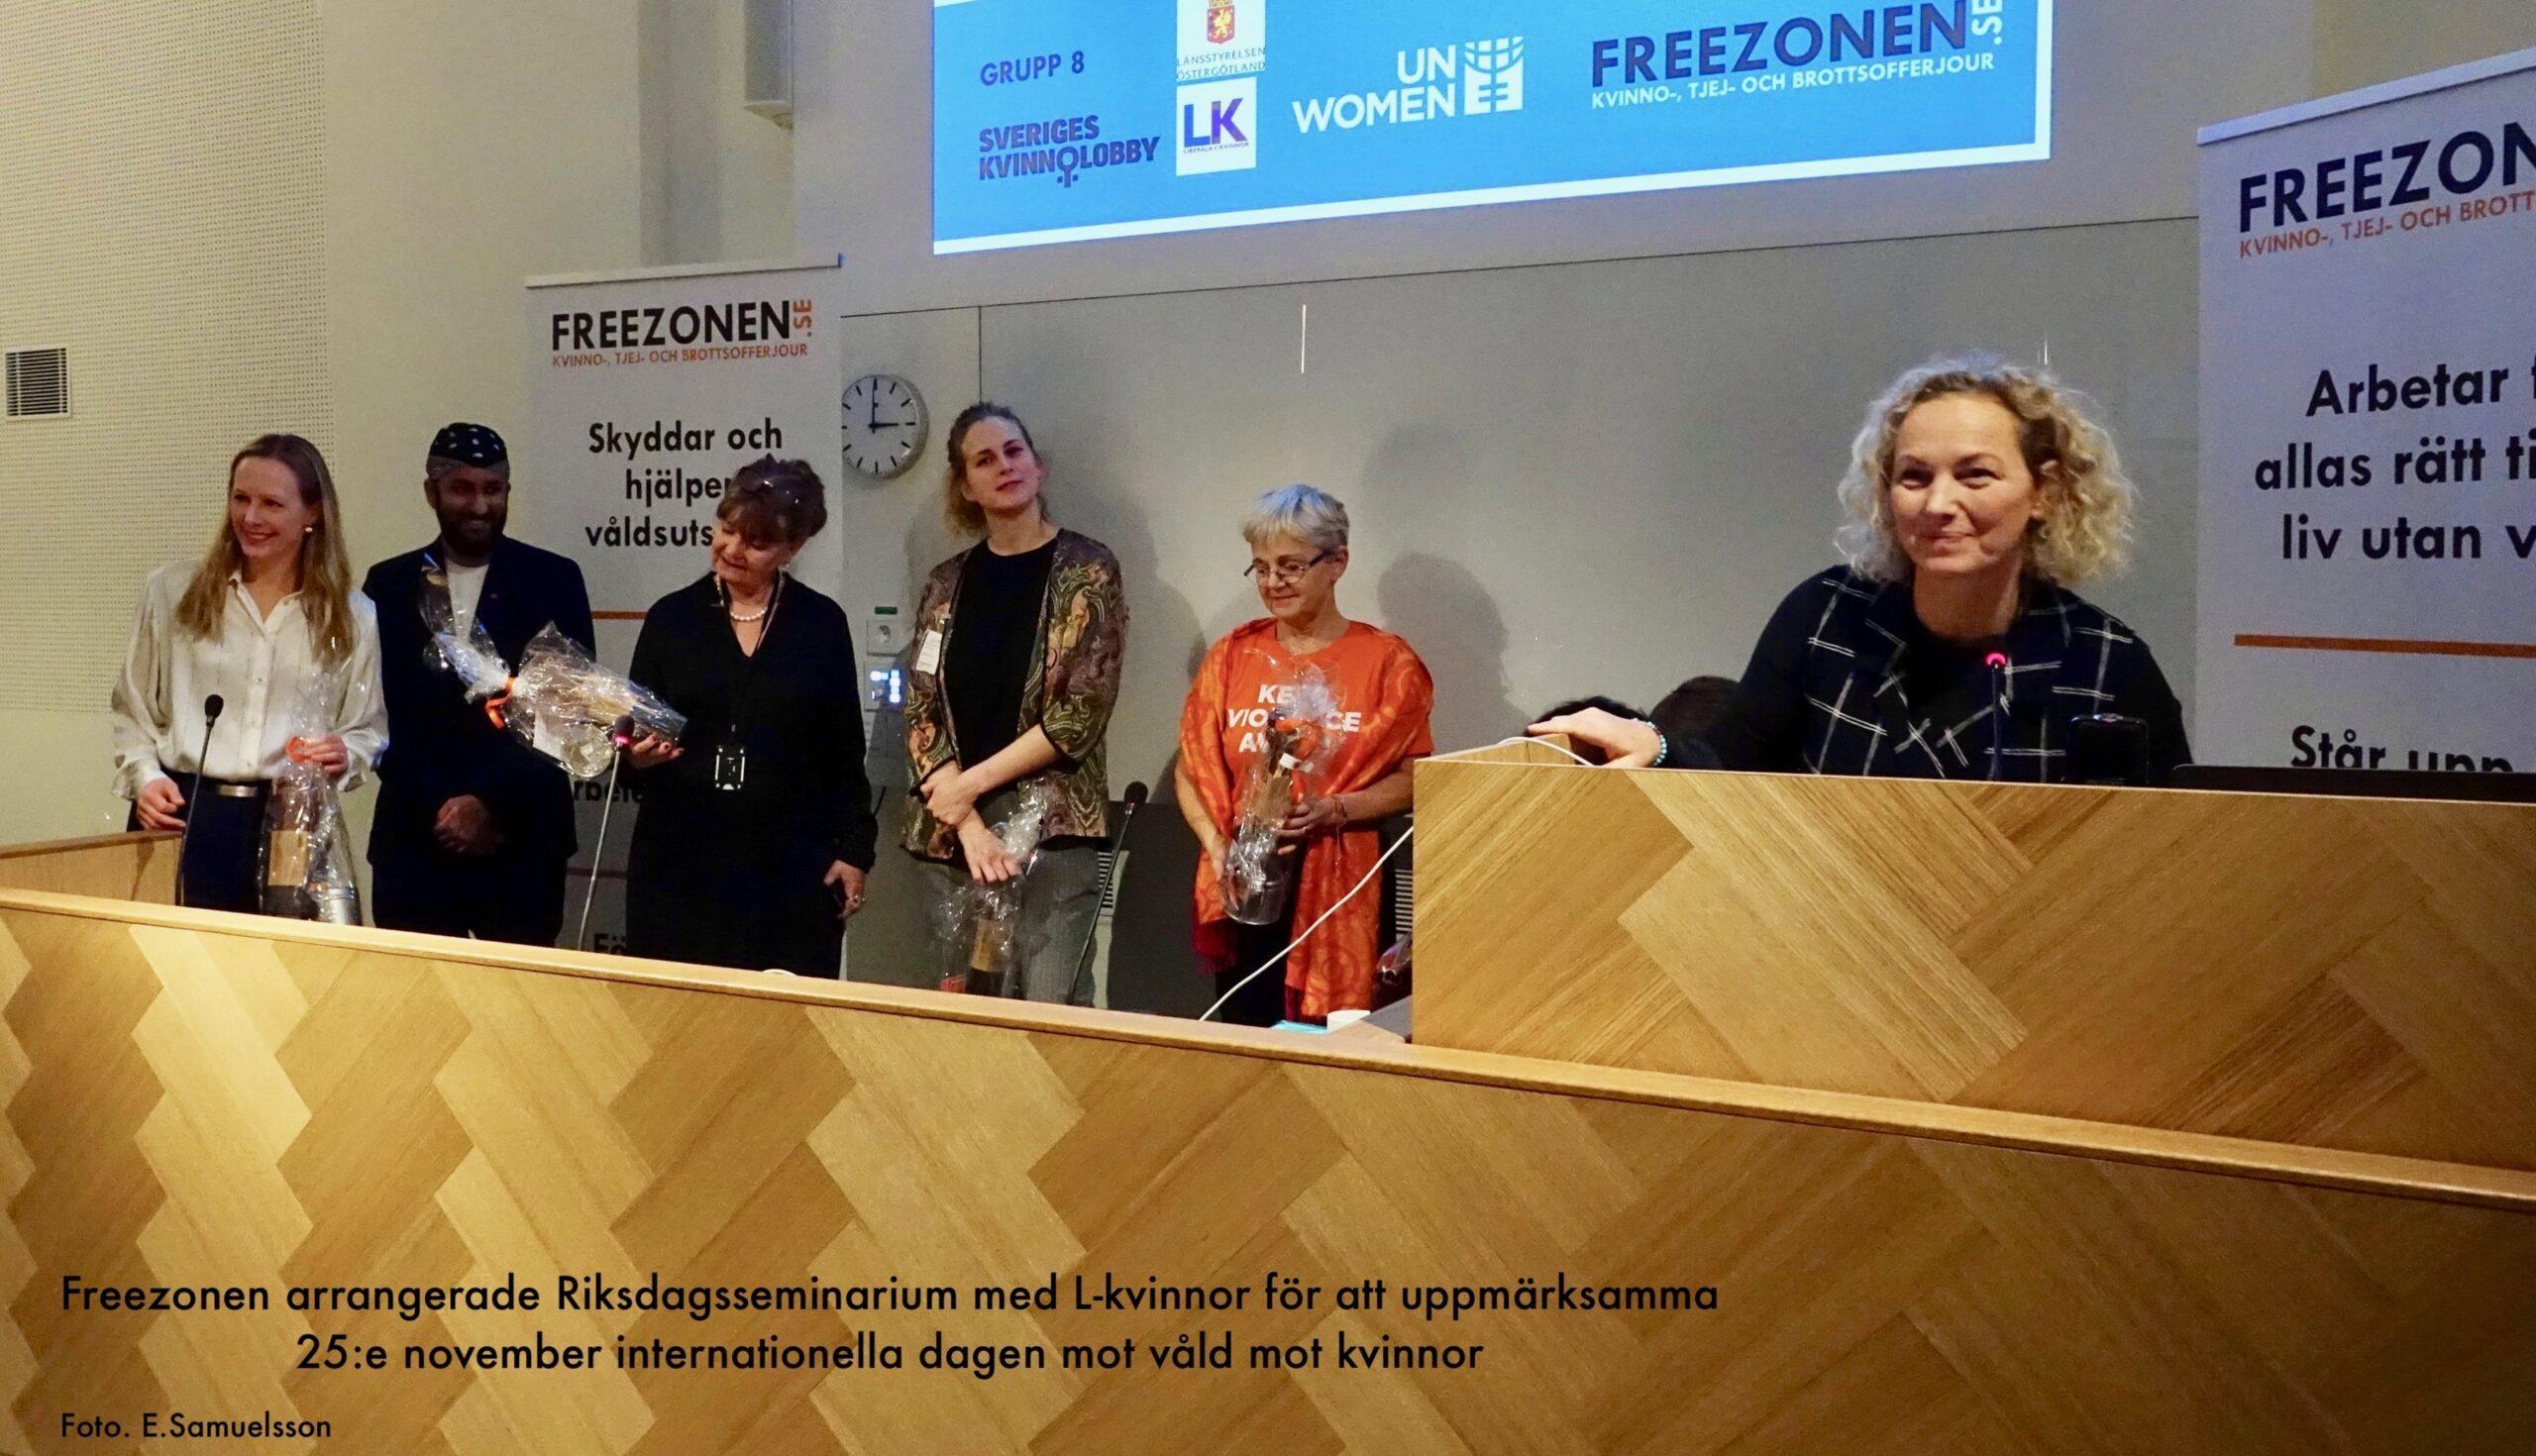 Freezonen arrangerade Riksdagsseminarium med L-kvinnor för att uppmärksamma internationella dagen mot våld mot kvinnor